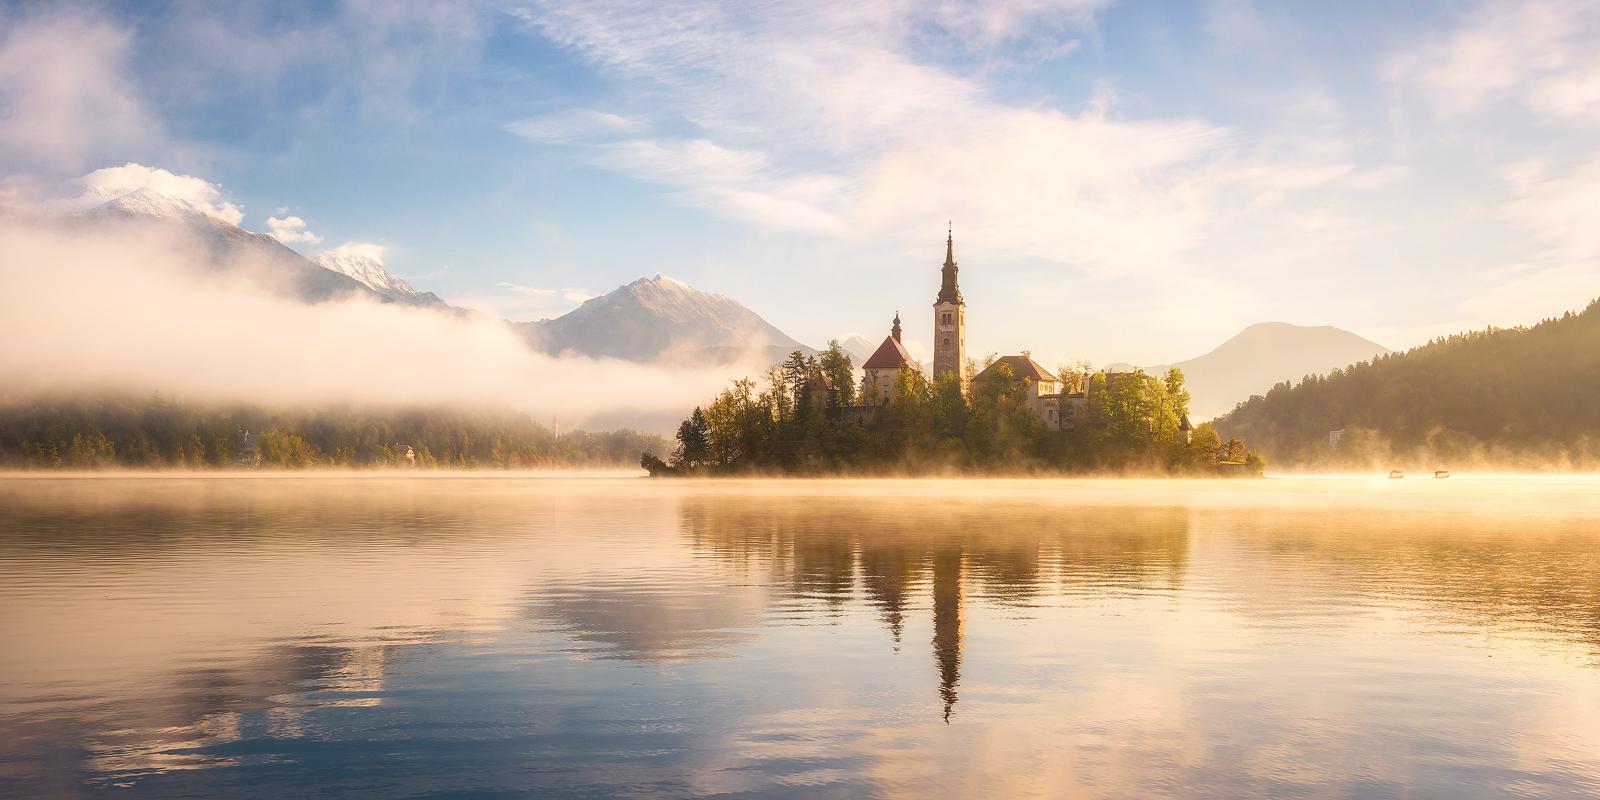 A golden morning in Slovenia